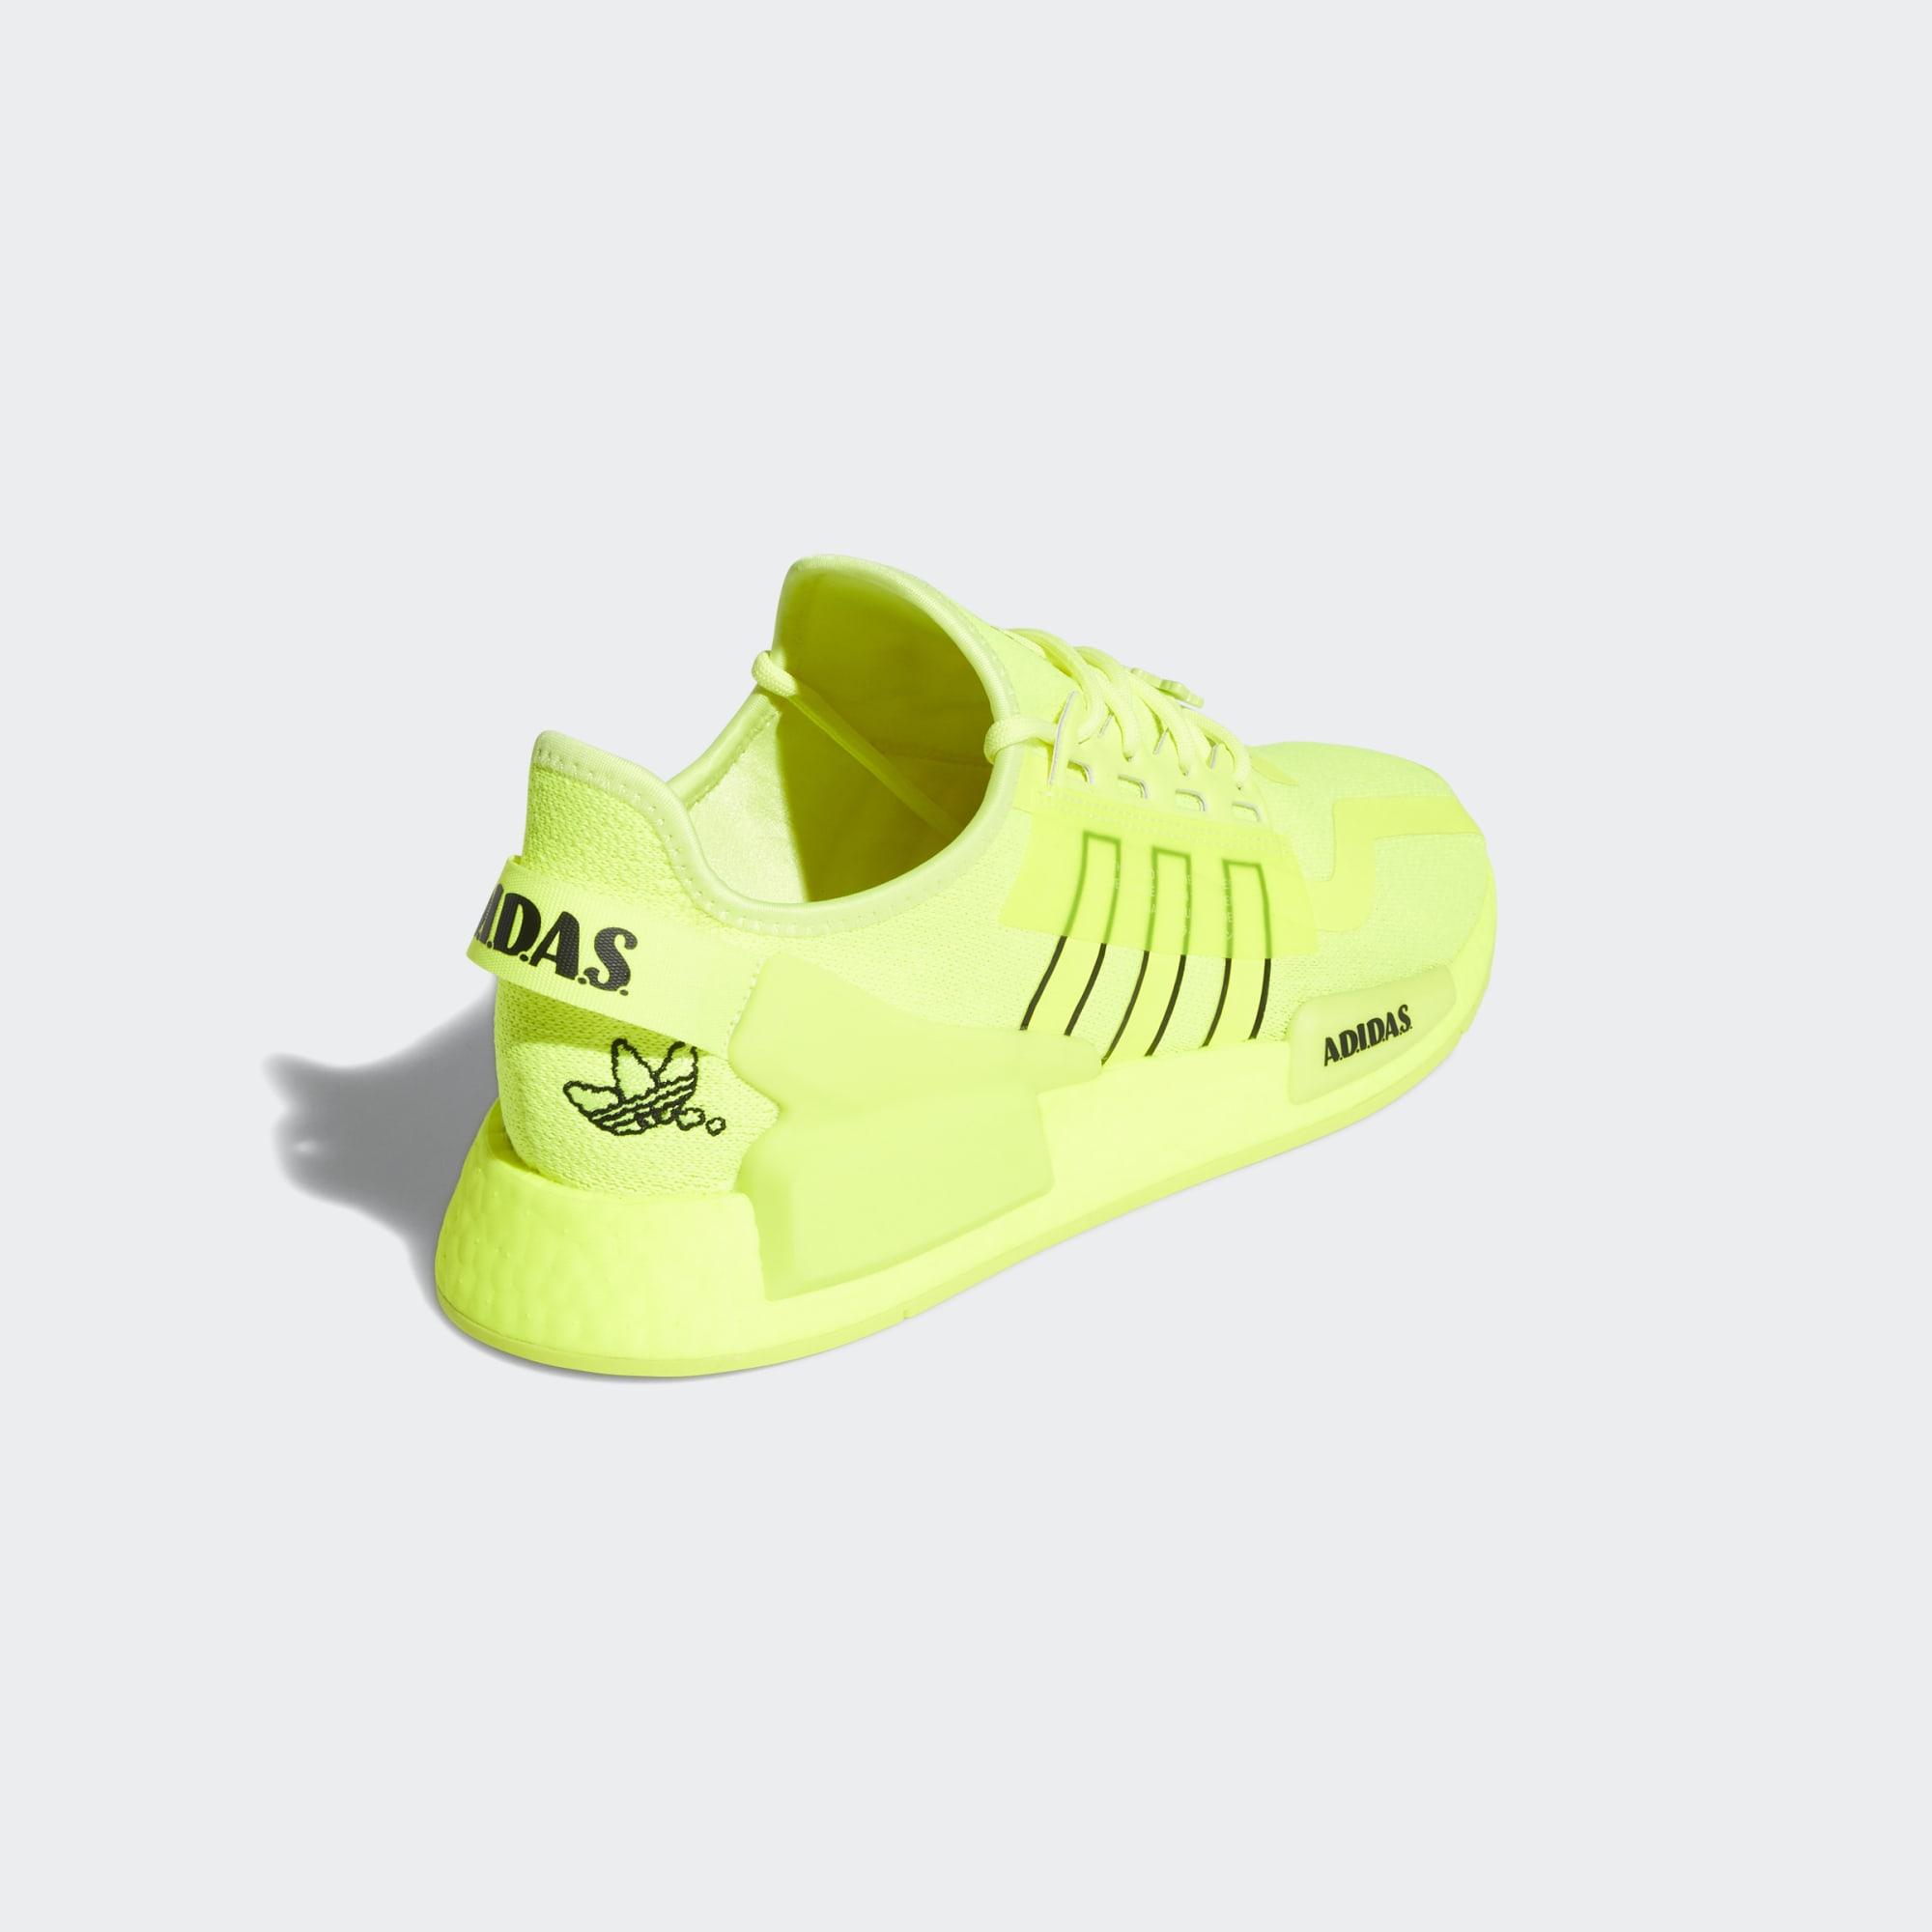 NMD_R1_V2_Shoes_Yellow_H02654_05_standard.jpg